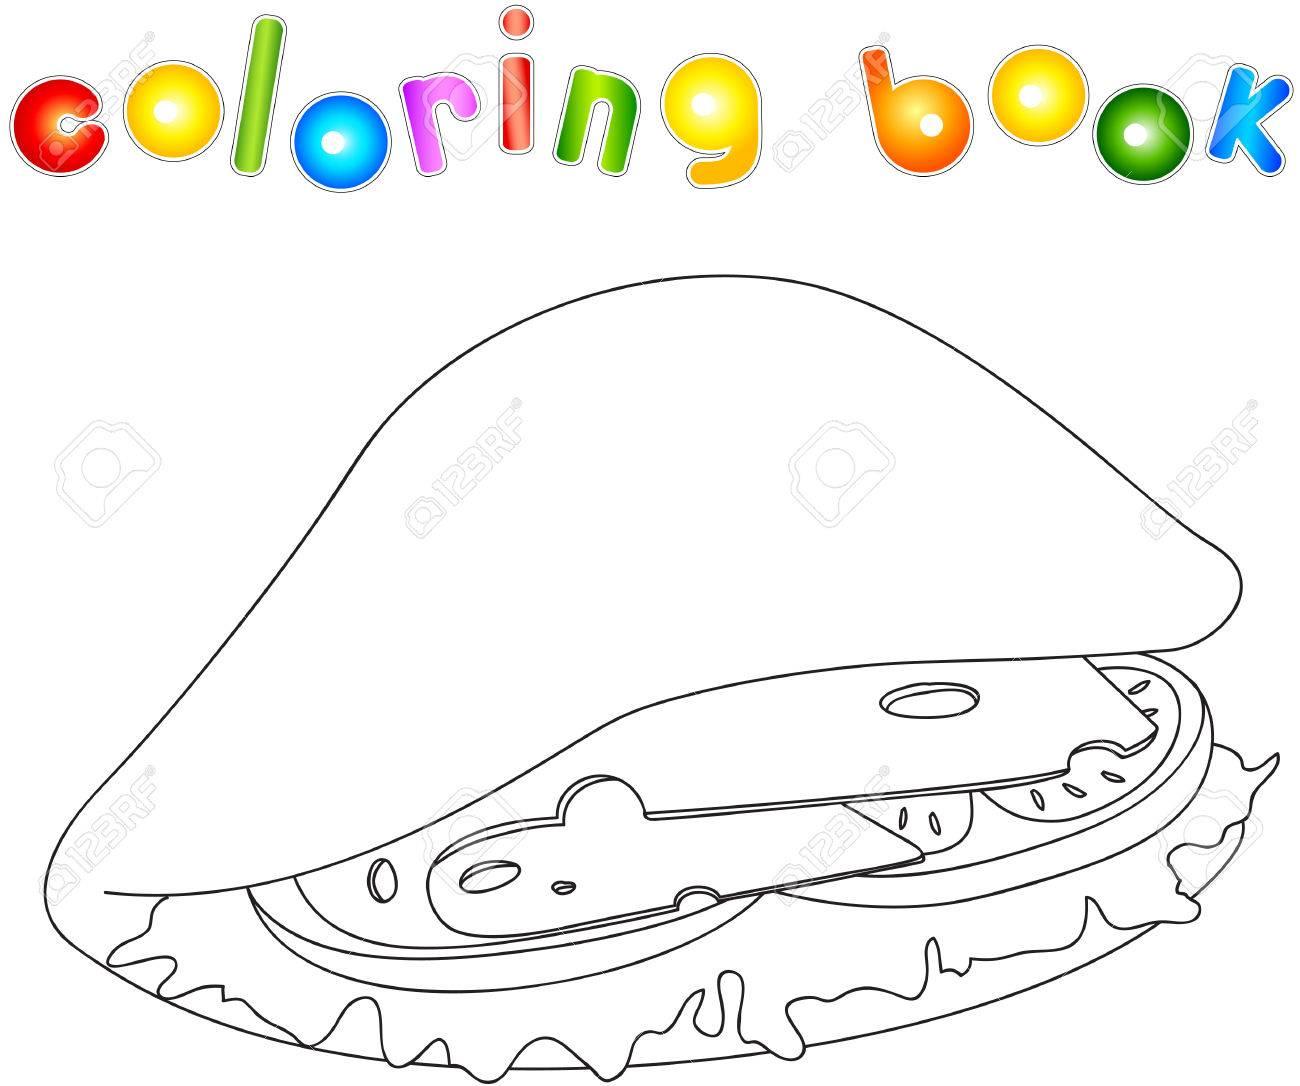 Sandwich Sin Pintar Pitta Con Queso Tomate Carne Y Ensalada Libro Para Colorear Para Los Niños Acerca De La Comida Rápida Ilustración Vectorial